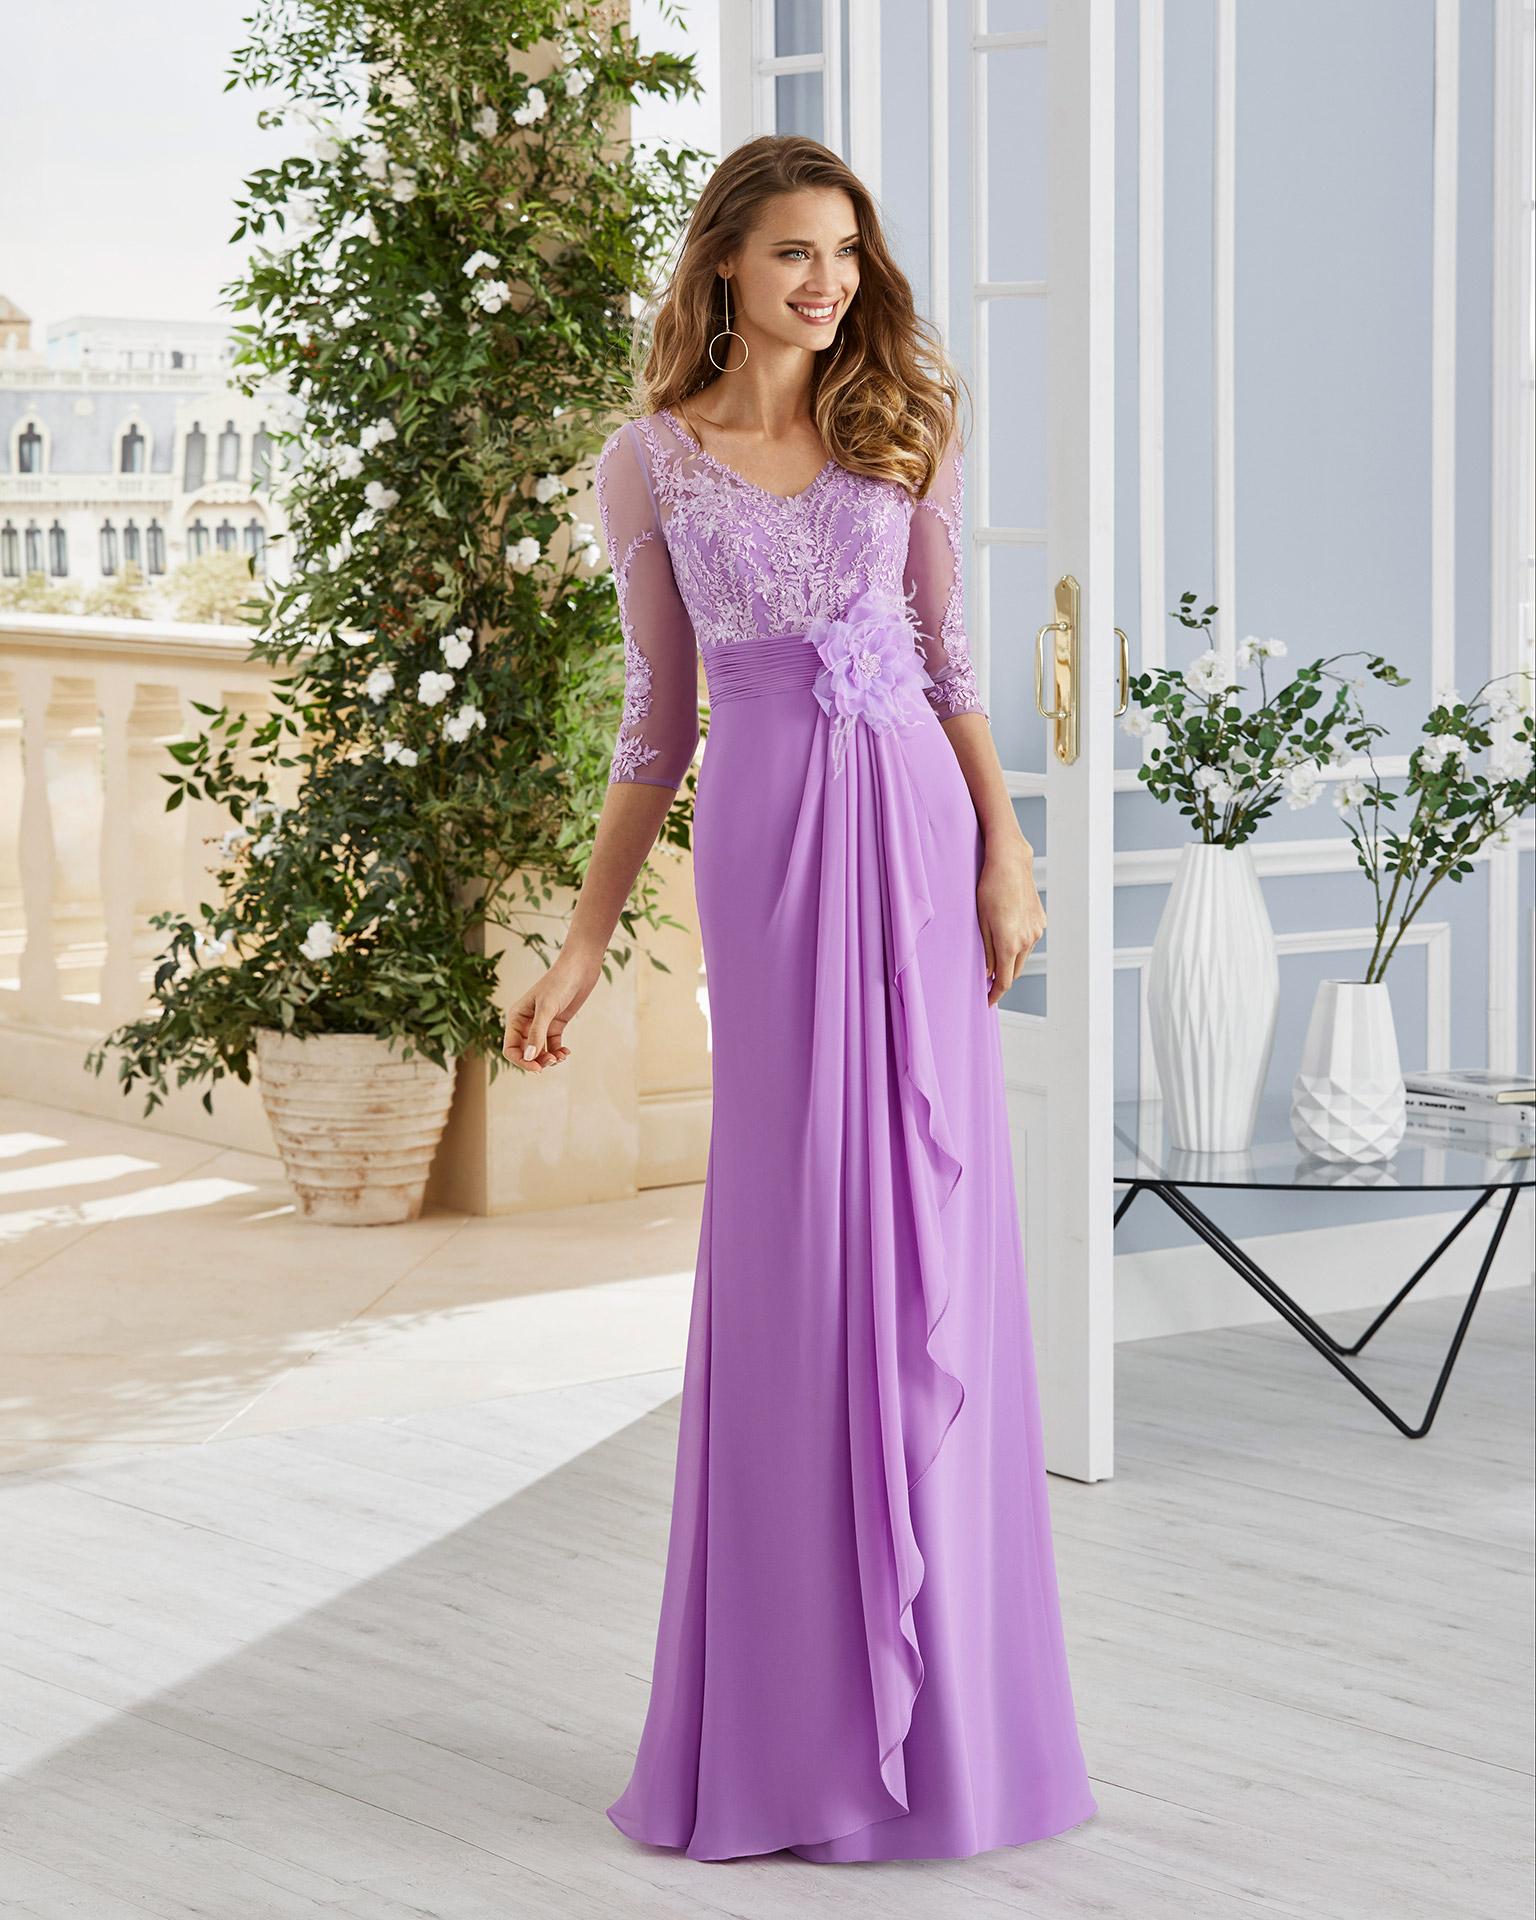 Vestido de fiesta en gasa con encaje y pedrería en el cuerpo. Escote en V, lazo con flor en el frente y drapeado en la falda. Colección COUTURE CLUB 2020.